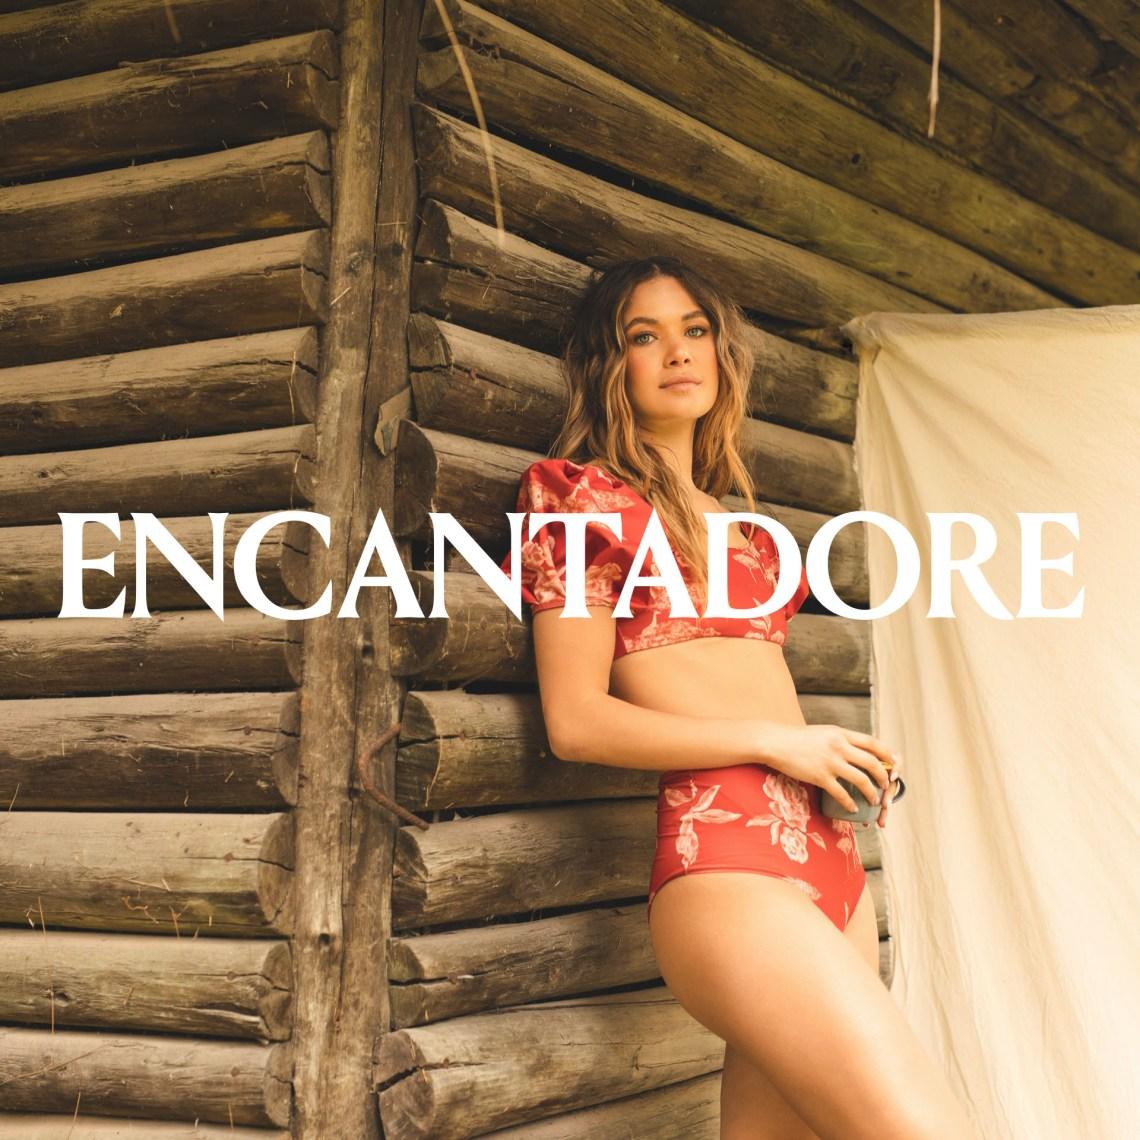 ENCANTADORE